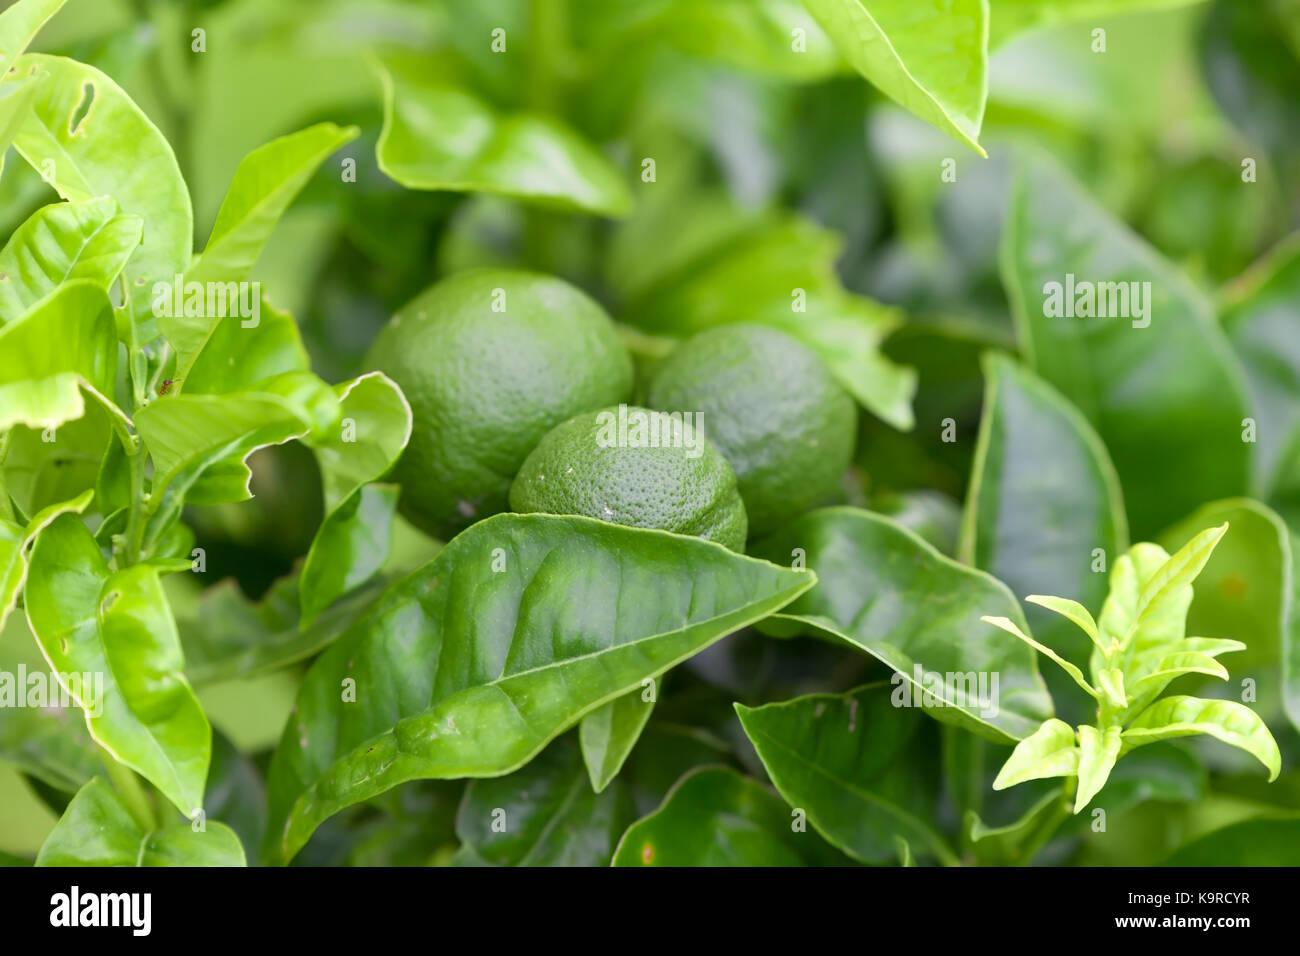 Immature oranges. - Stock Image